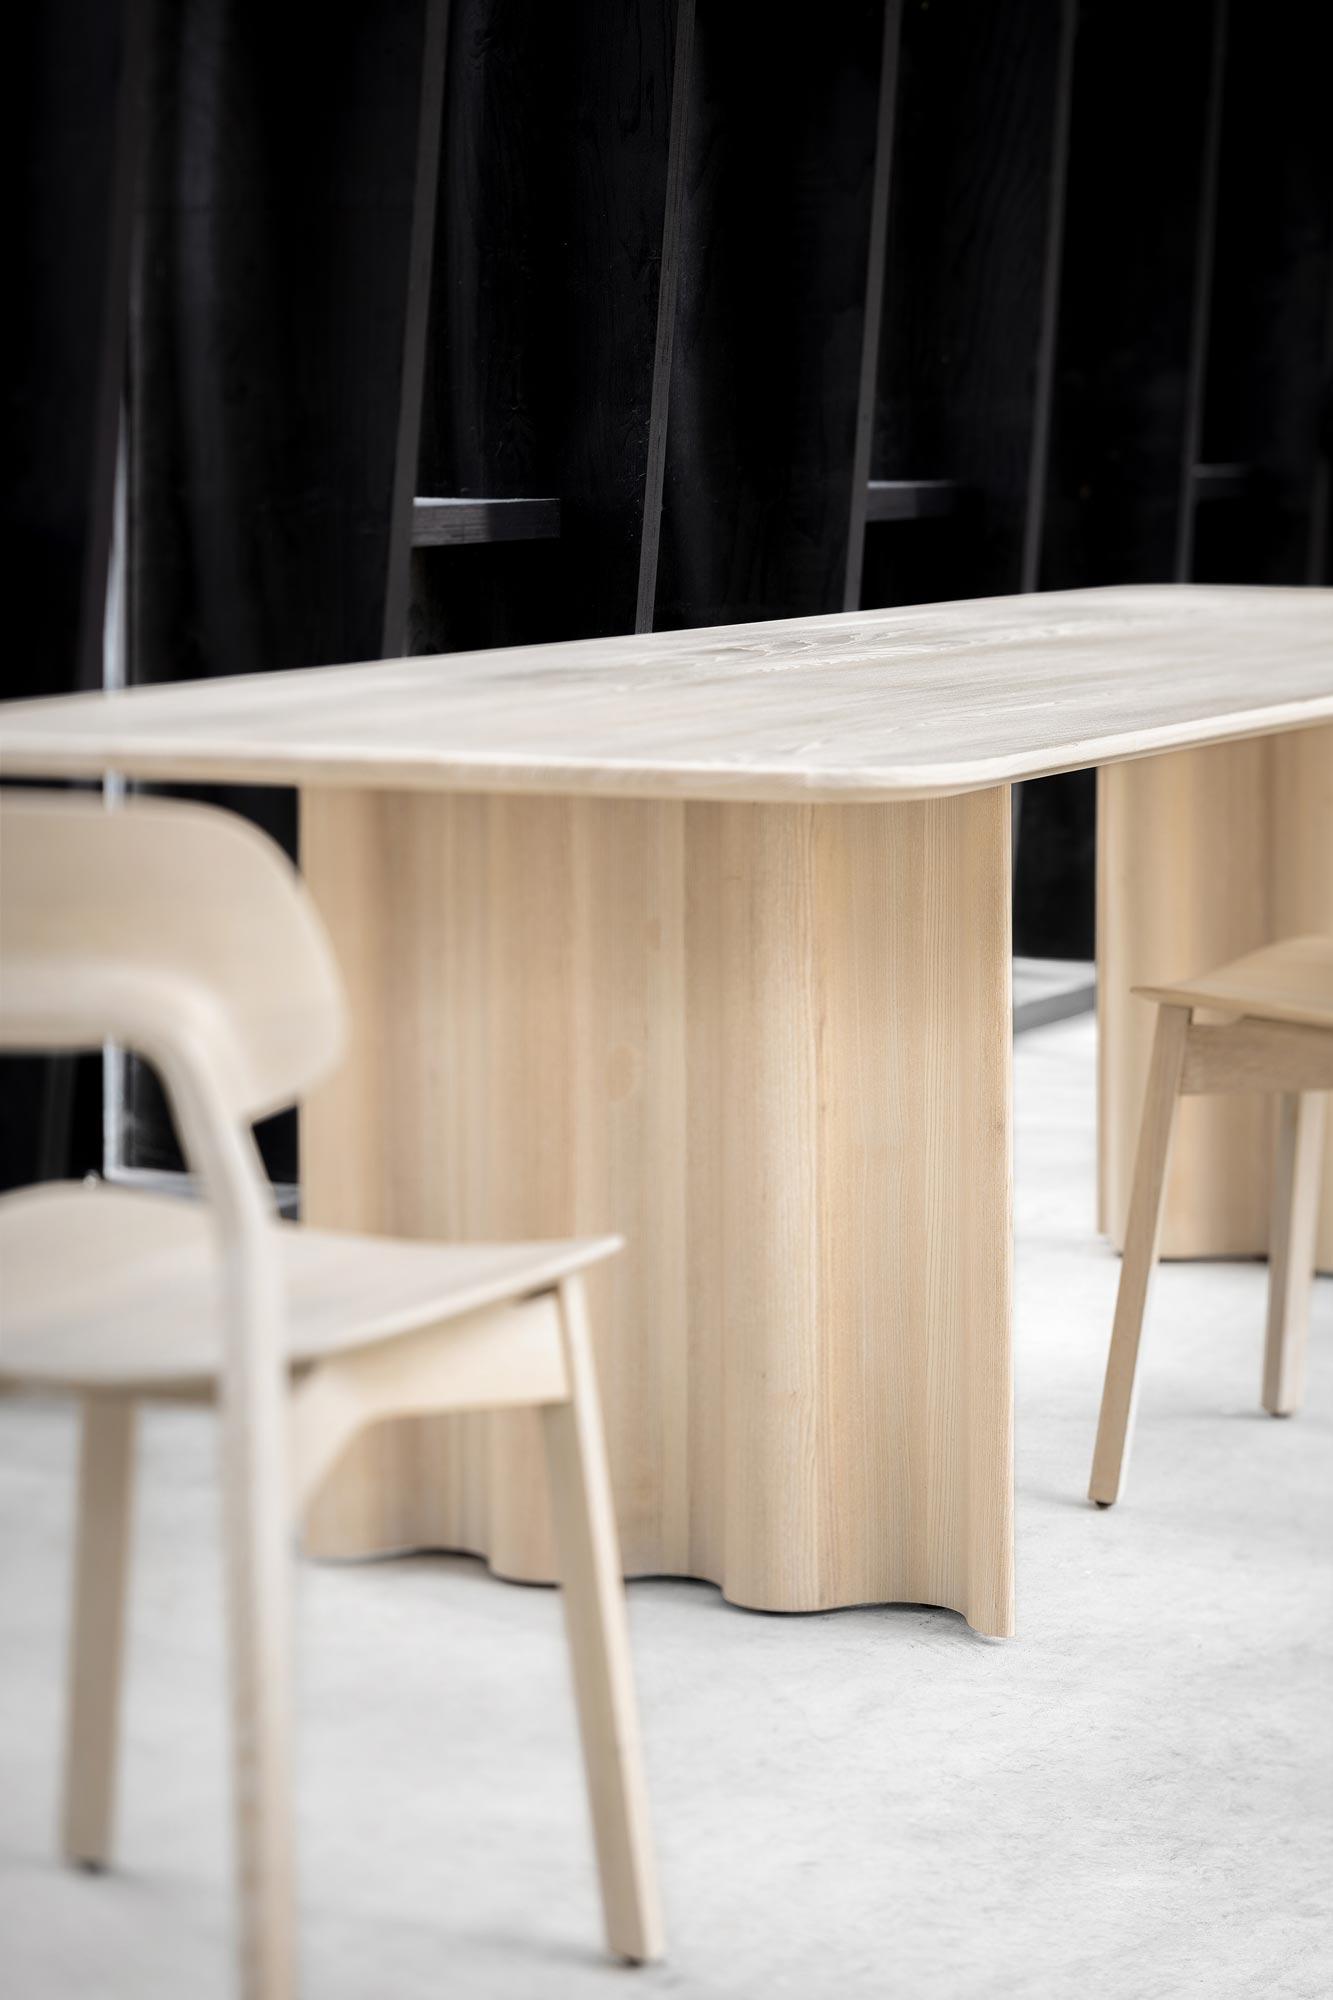 Welliger Massivholztisch von Läufer & Keichel für Zeitraum